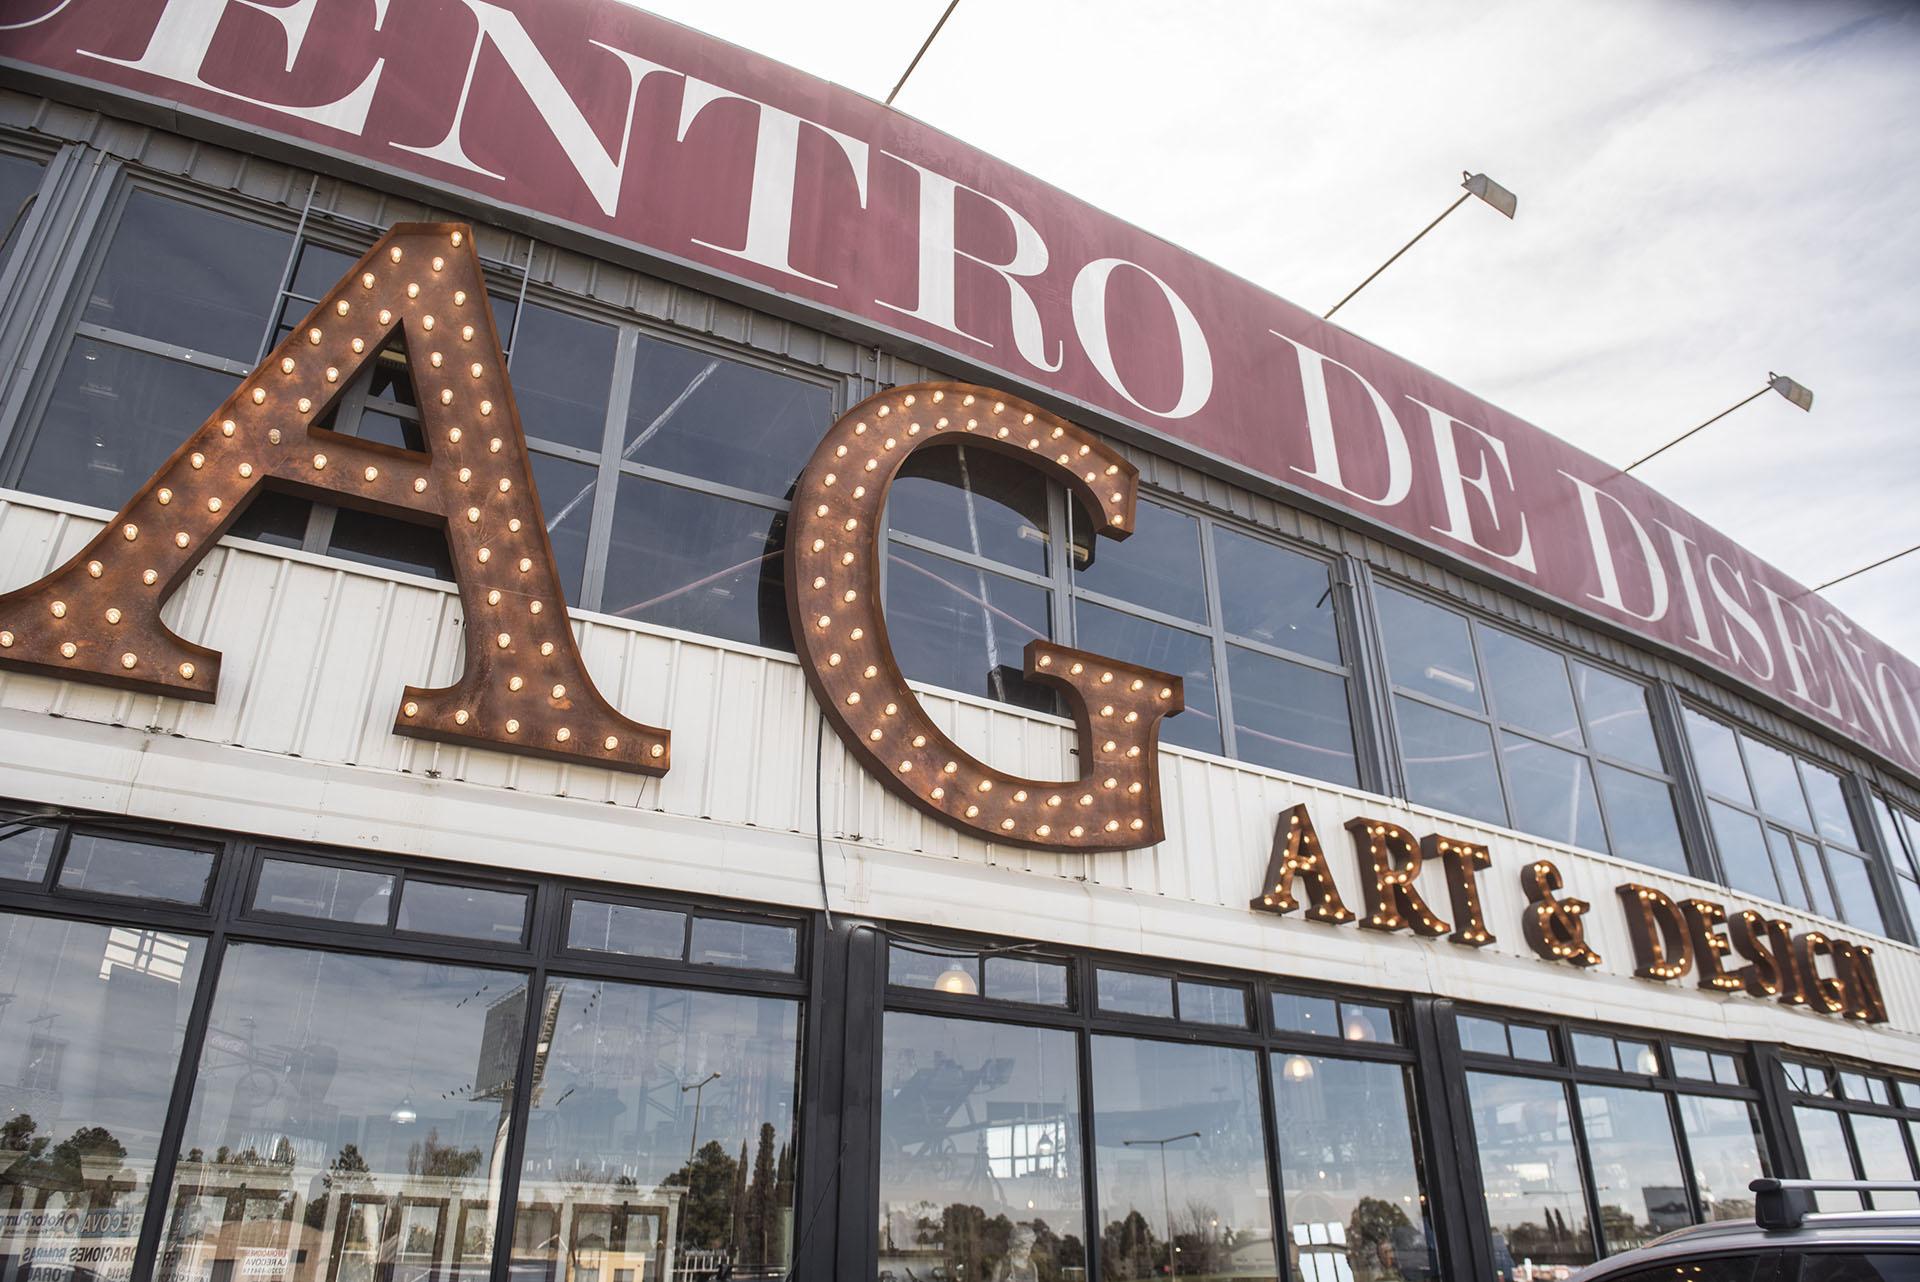 La imponente fachada del galpón, con letras luminosas en bronce